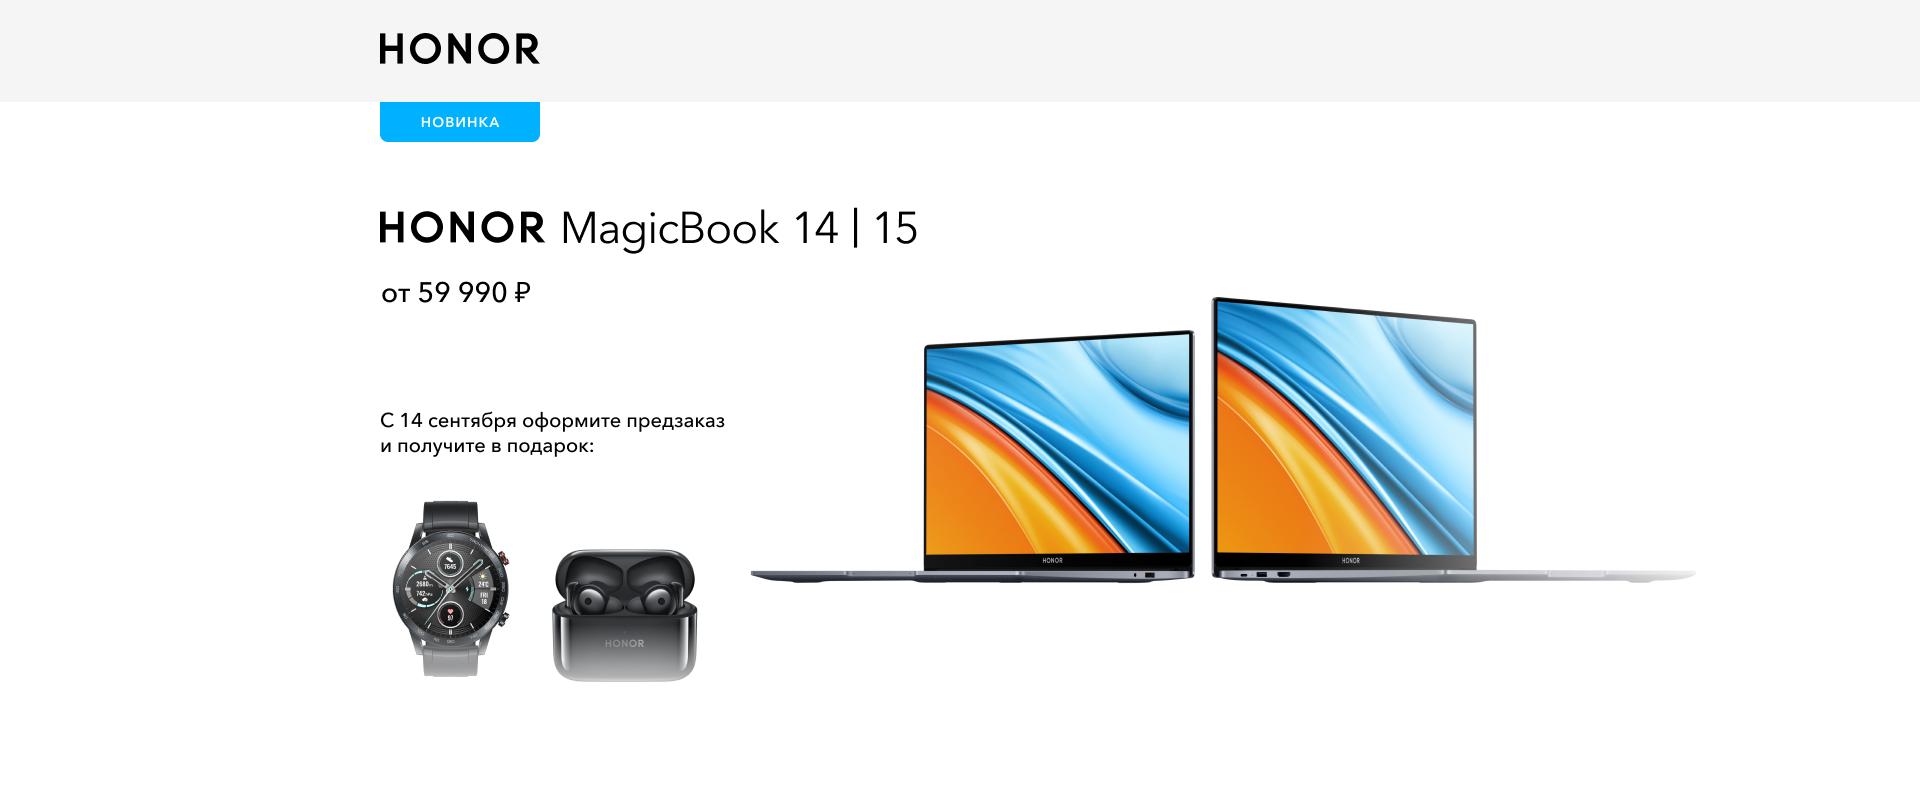 HONOR MagicBook 14 | 15. С 14 сентября оформите предзаказ и получите в подарок HONOR MagicWatch 2.